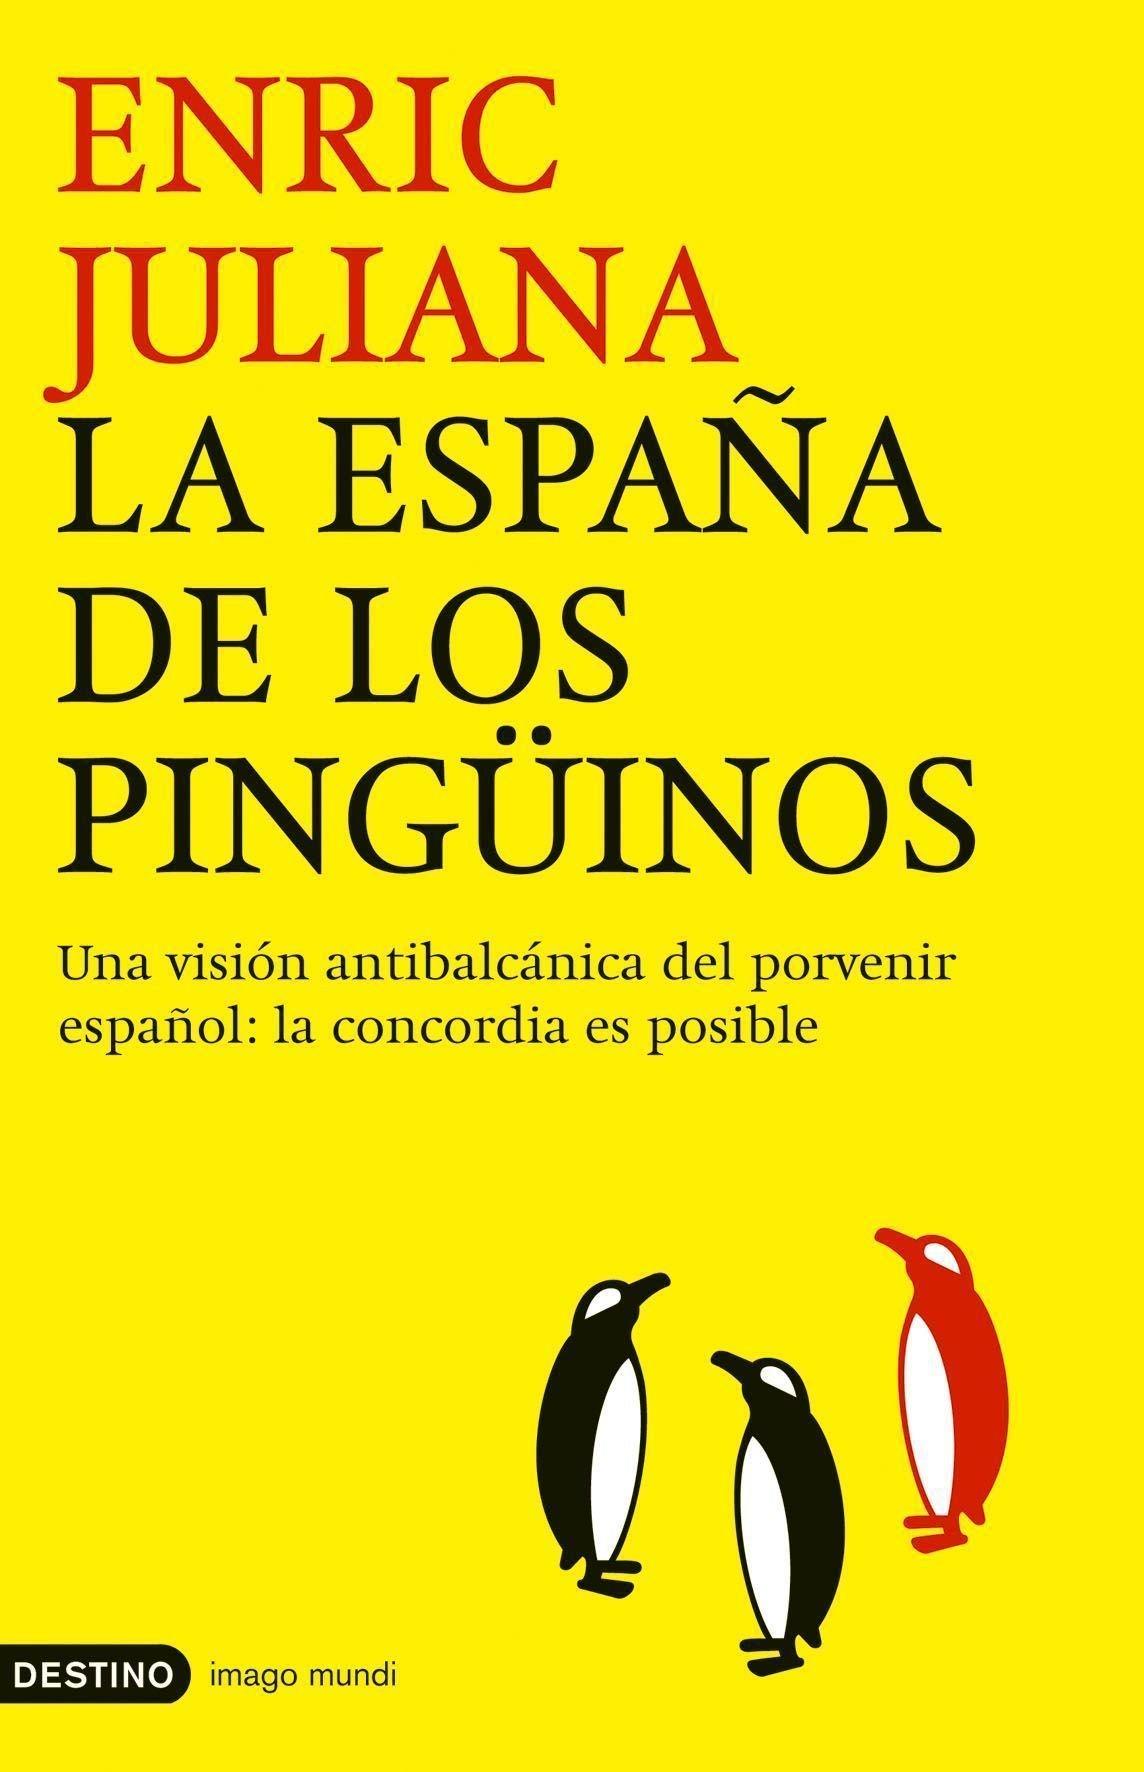 La España de los pingüinos (Imago Mundi): Amazon.es: Juliana, Enric: Libros